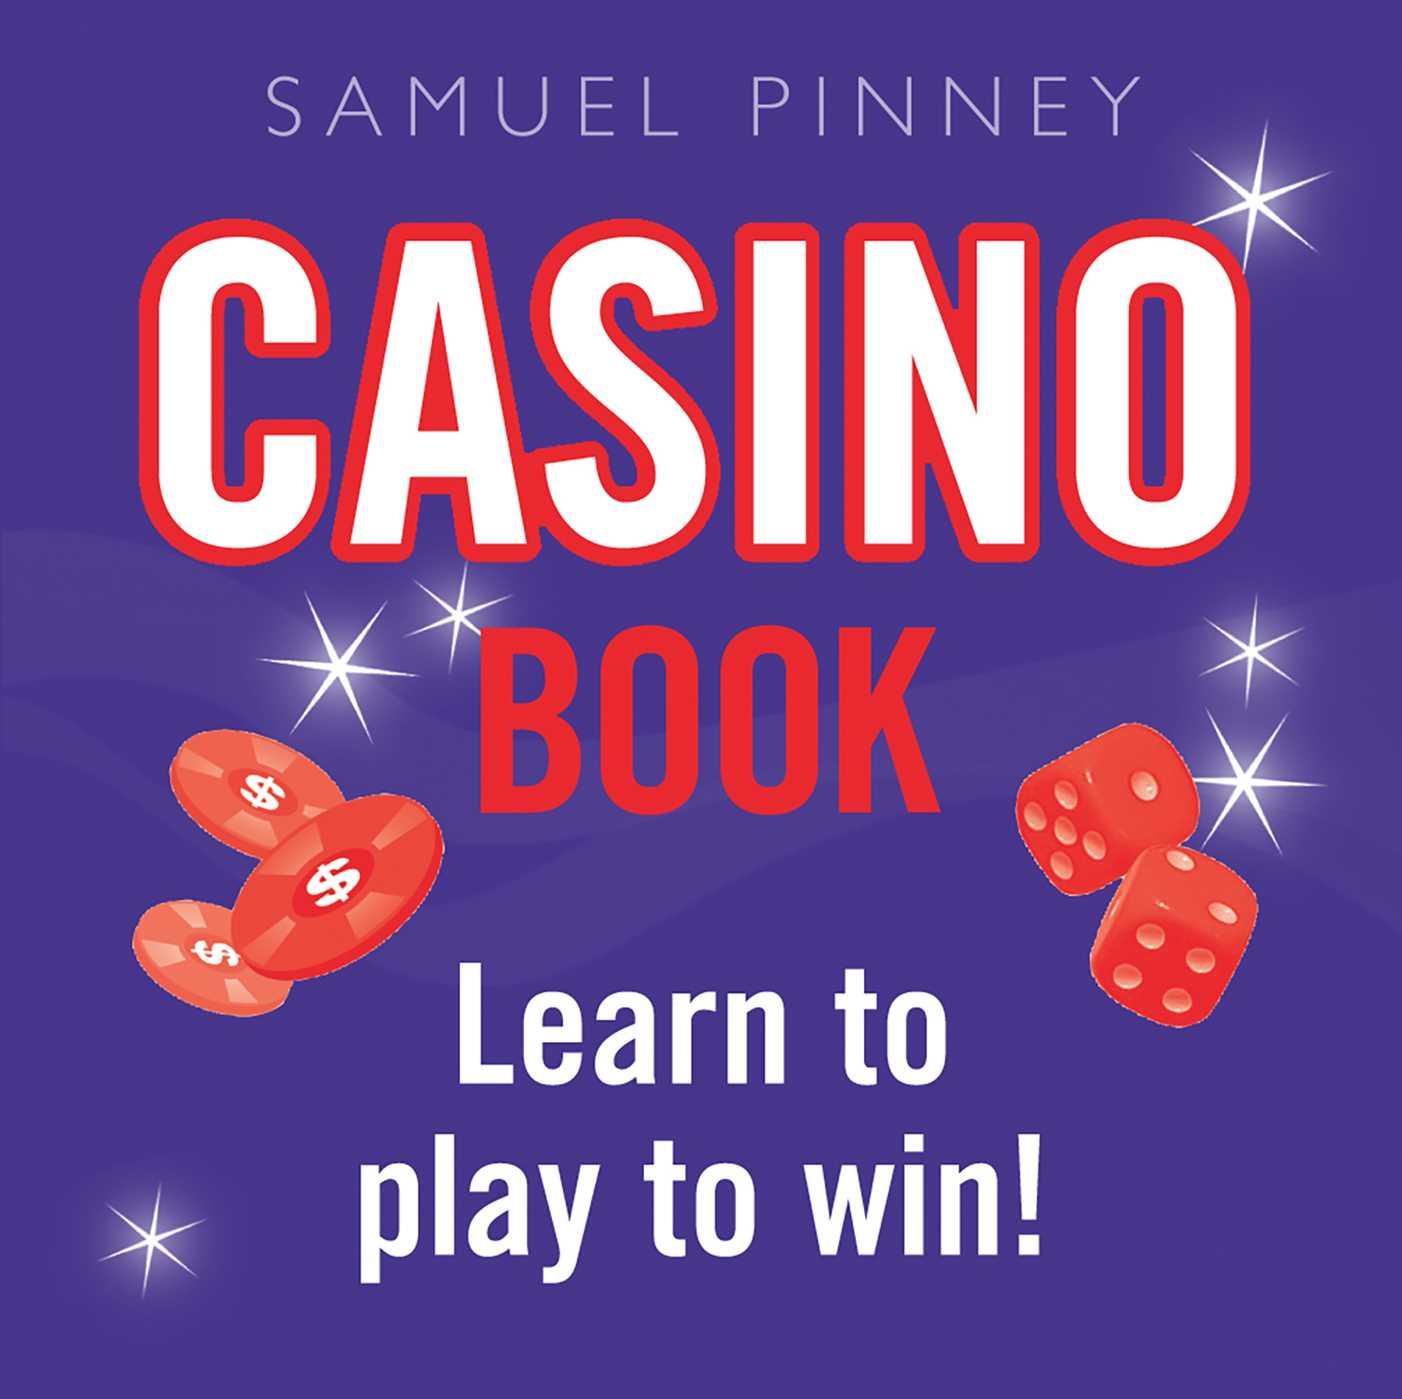 Казино book в тайланде есть казино